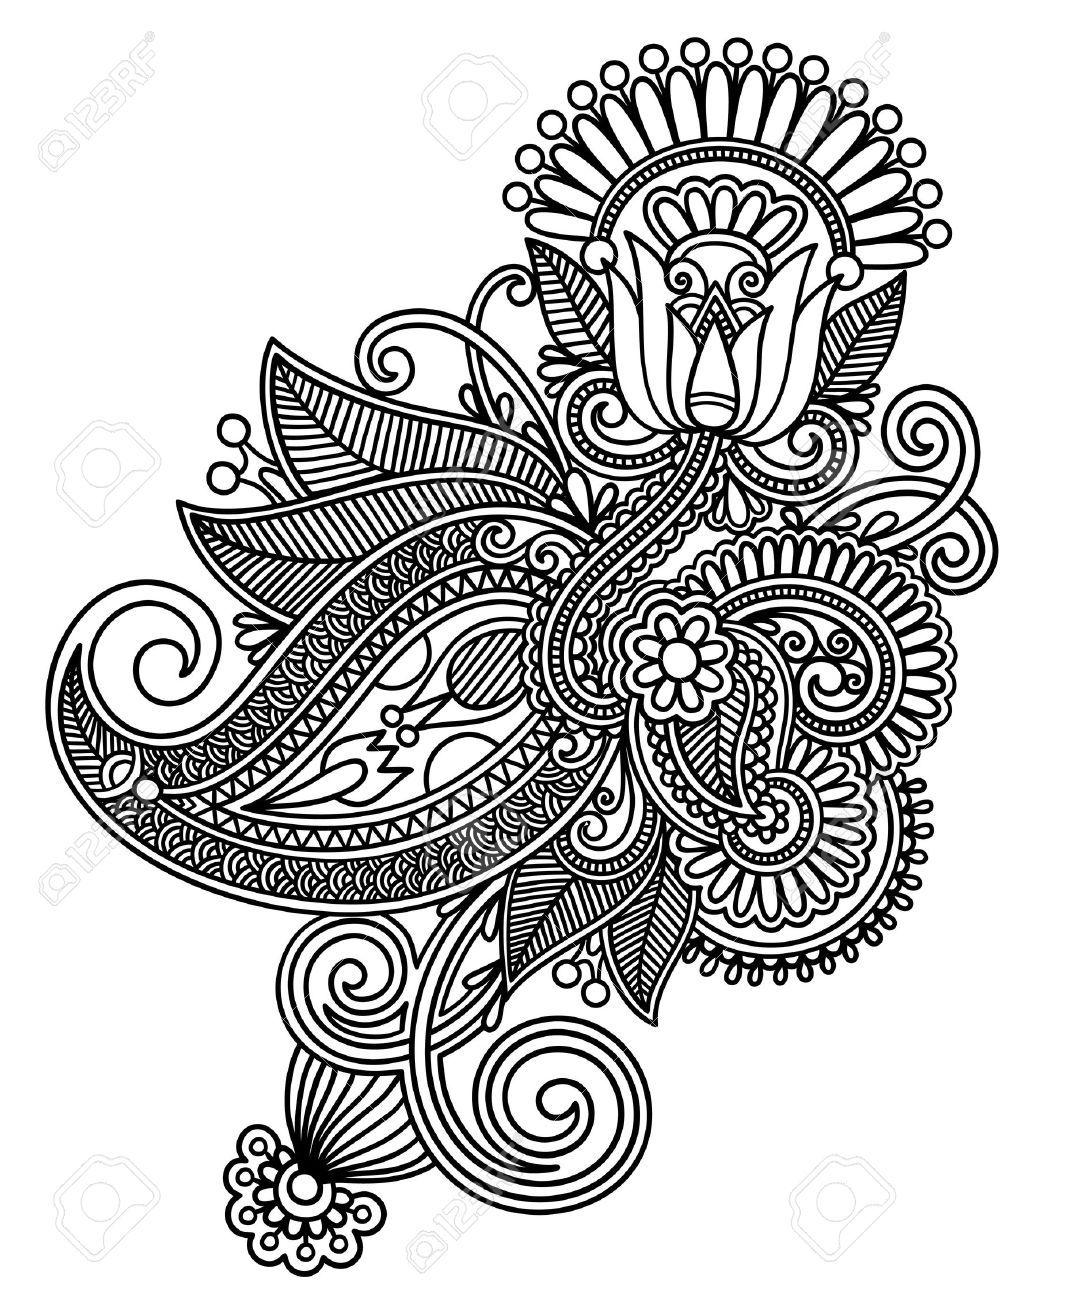 Line Art Design Kft : Hand draw line art ornate flower design stock